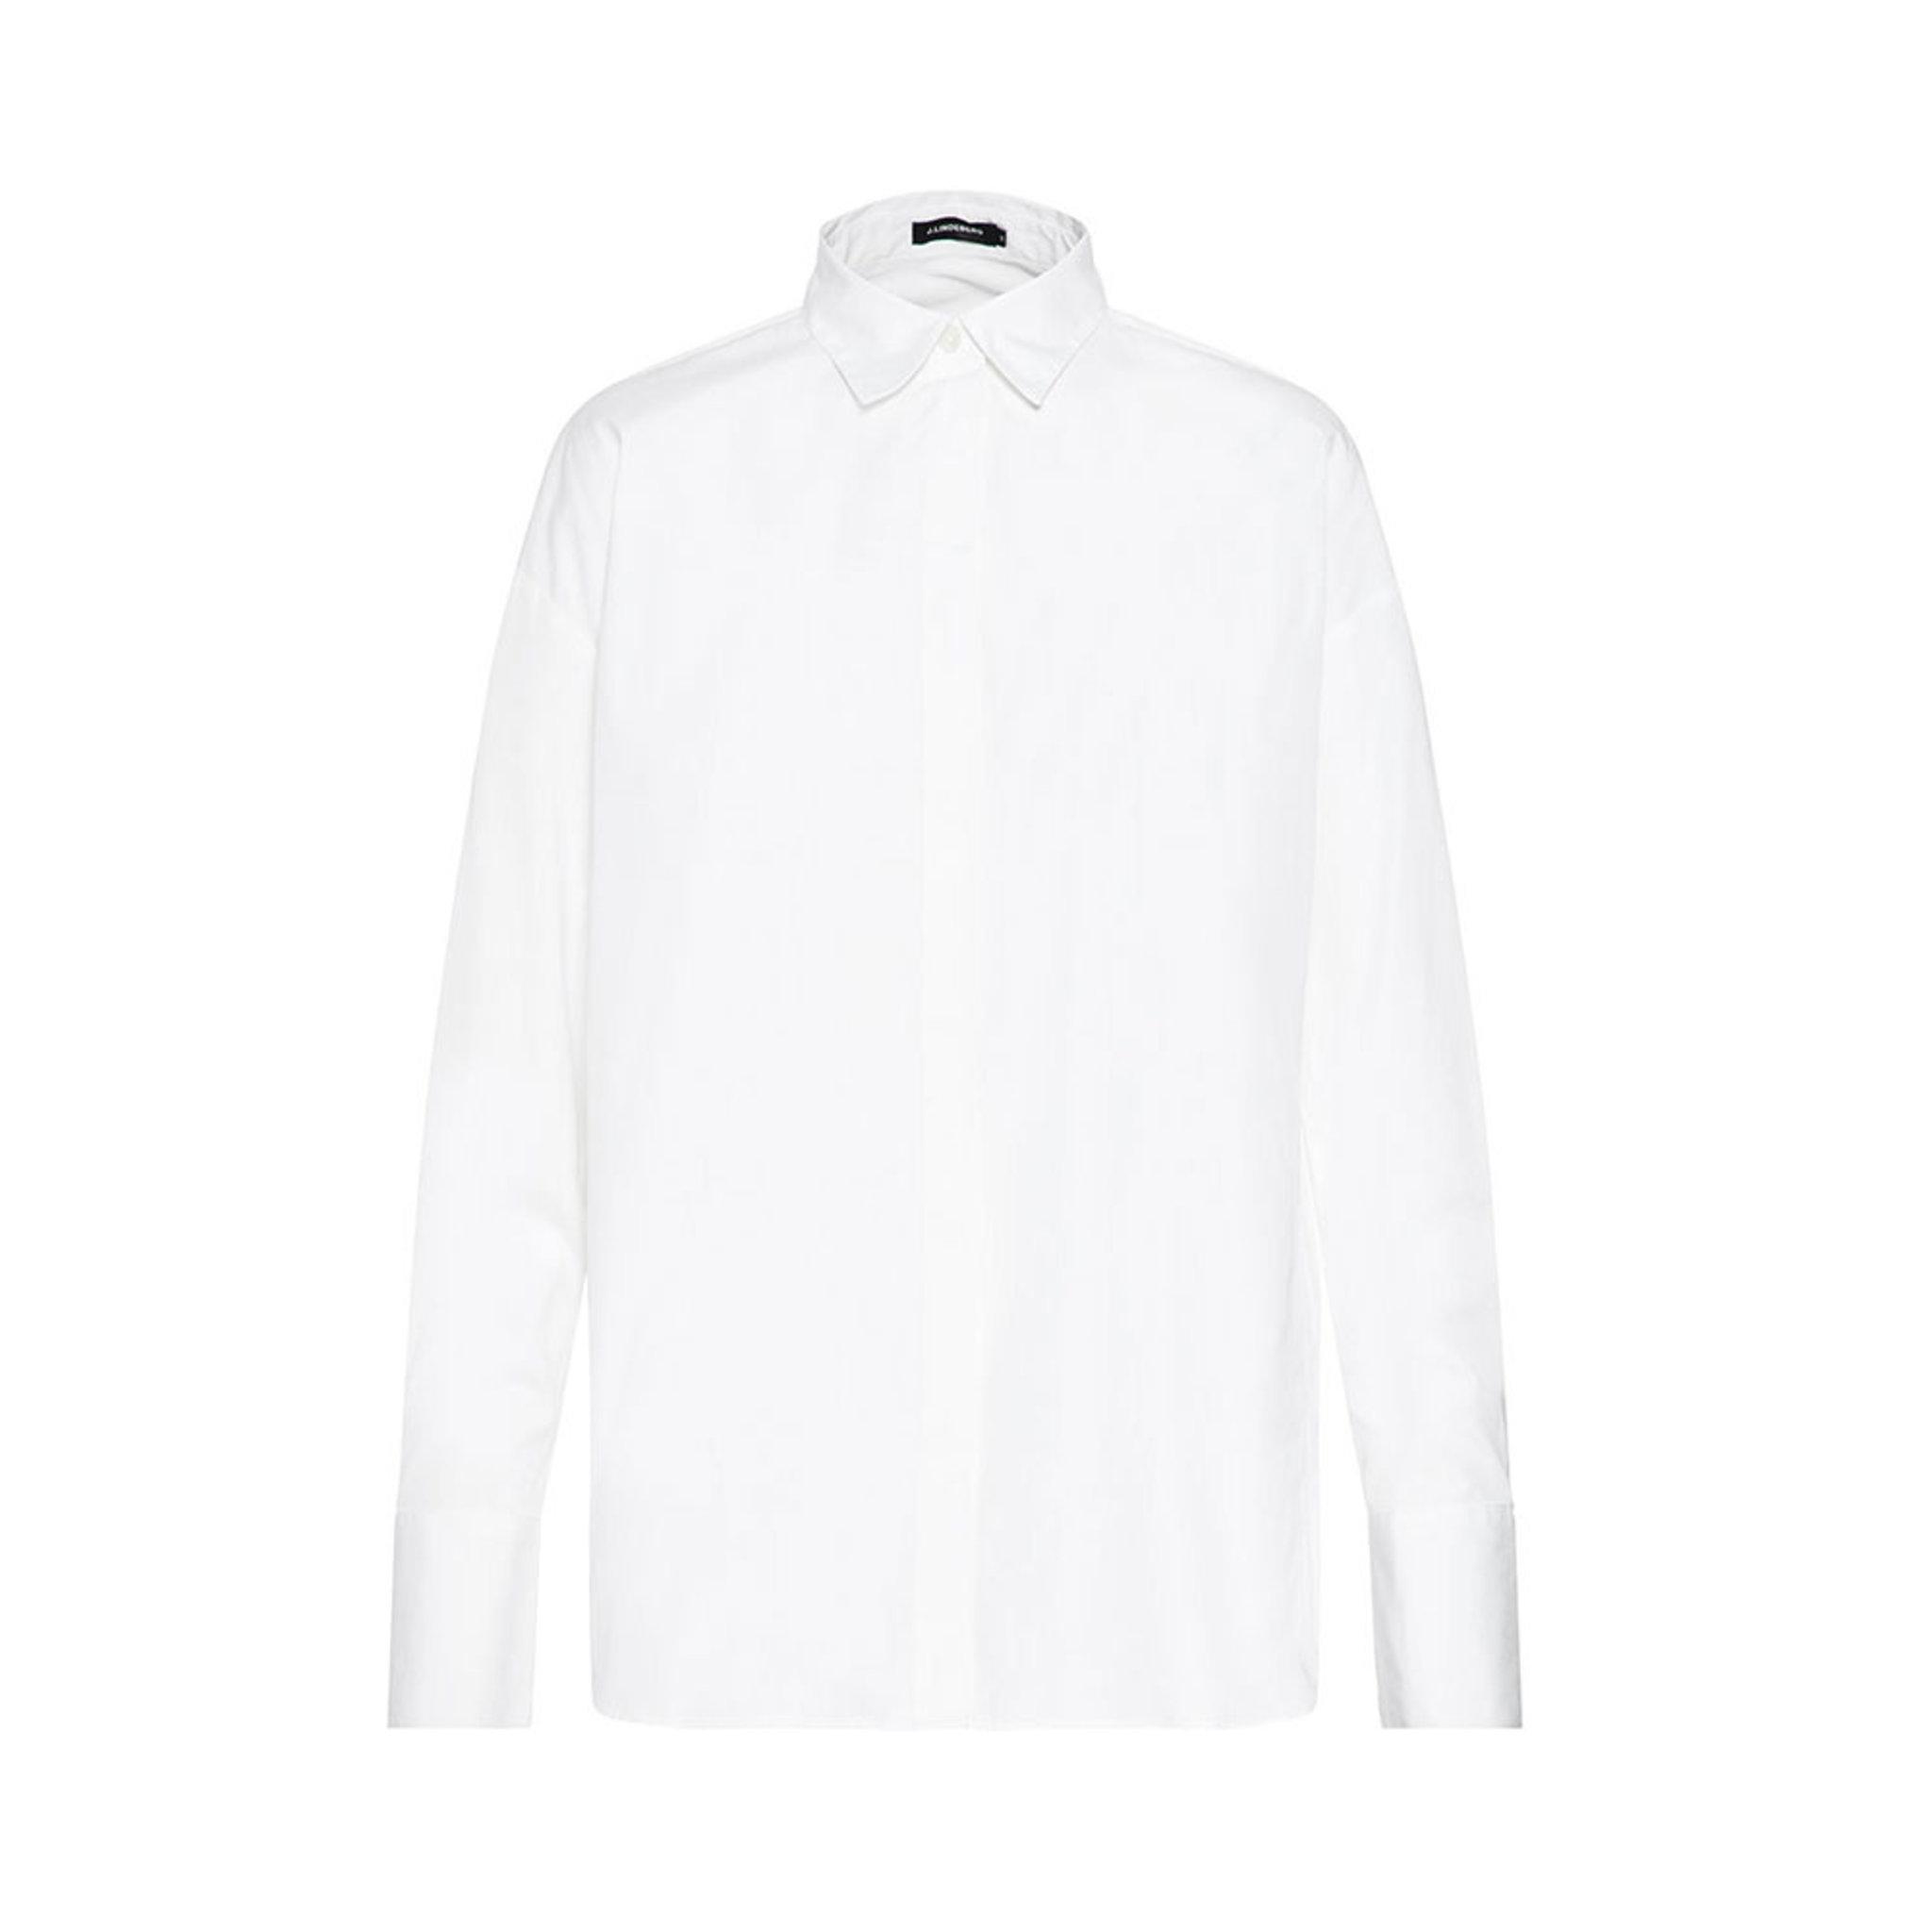 Nicole Comfy Poplin Shirt - Blusar   skjortor - Köp online på åhlens.se! c9add13c266e3